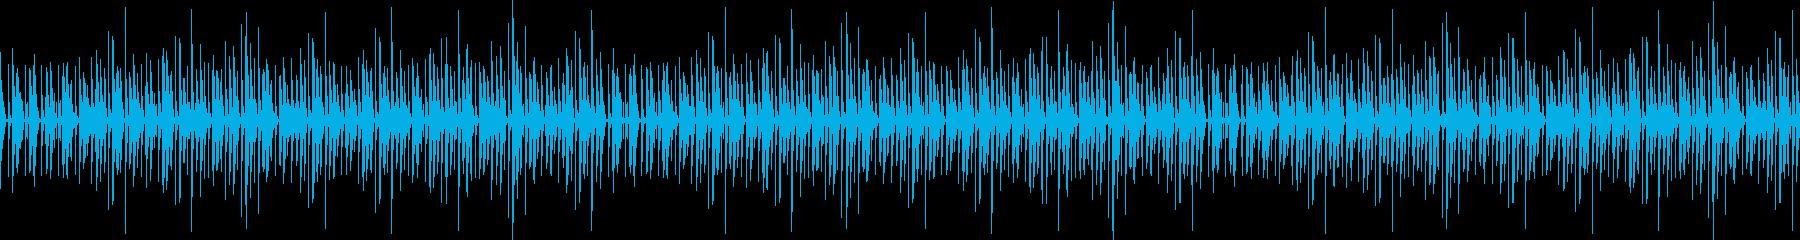 手拍子、爽やかなBGMの再生済みの波形